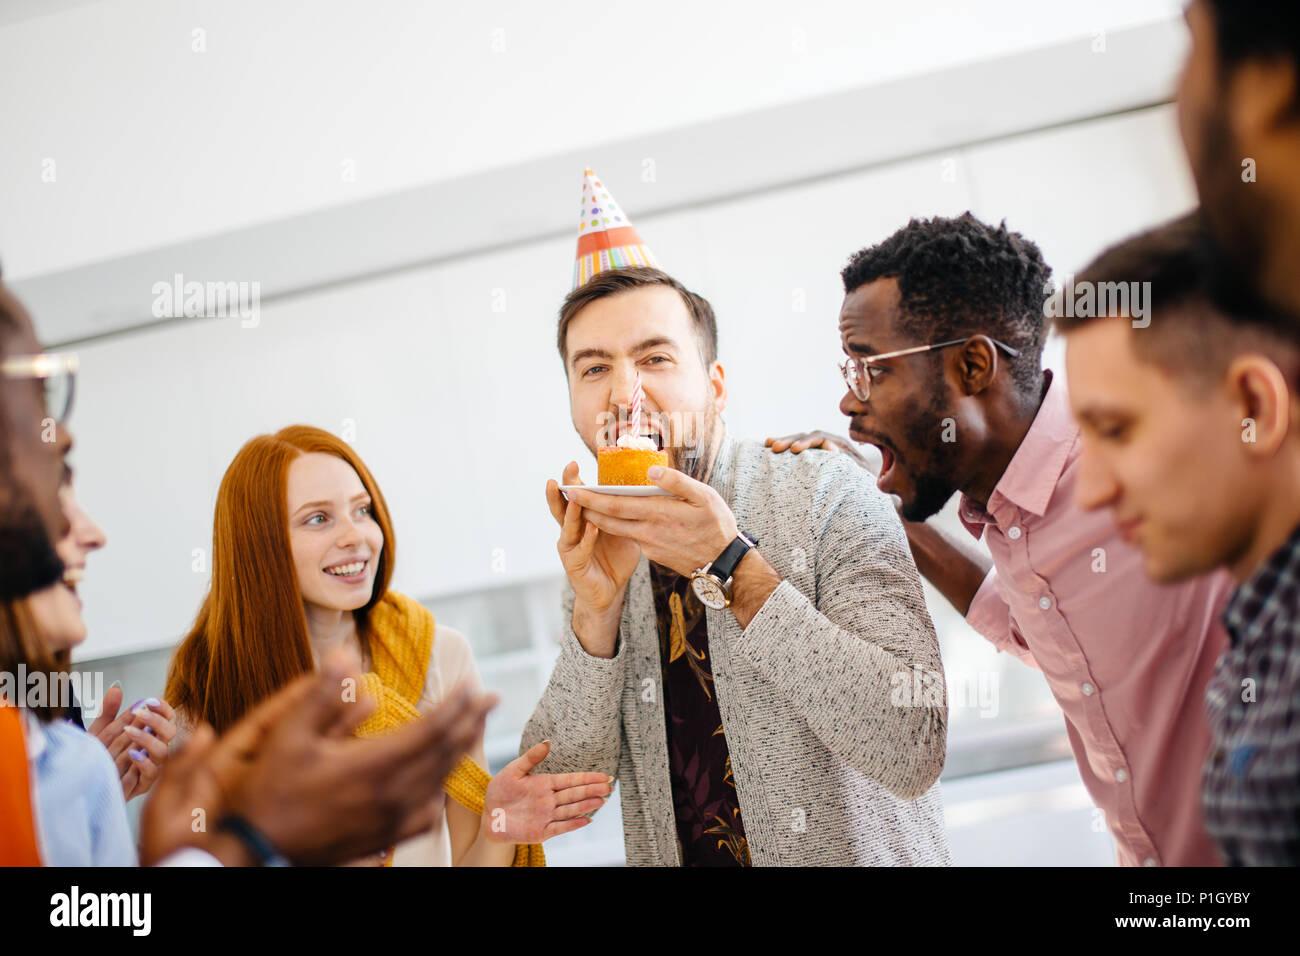 Gierig Kerl versucht, einen grösseren Frieden Kuchen vor Freunden zu beißen Stockbild